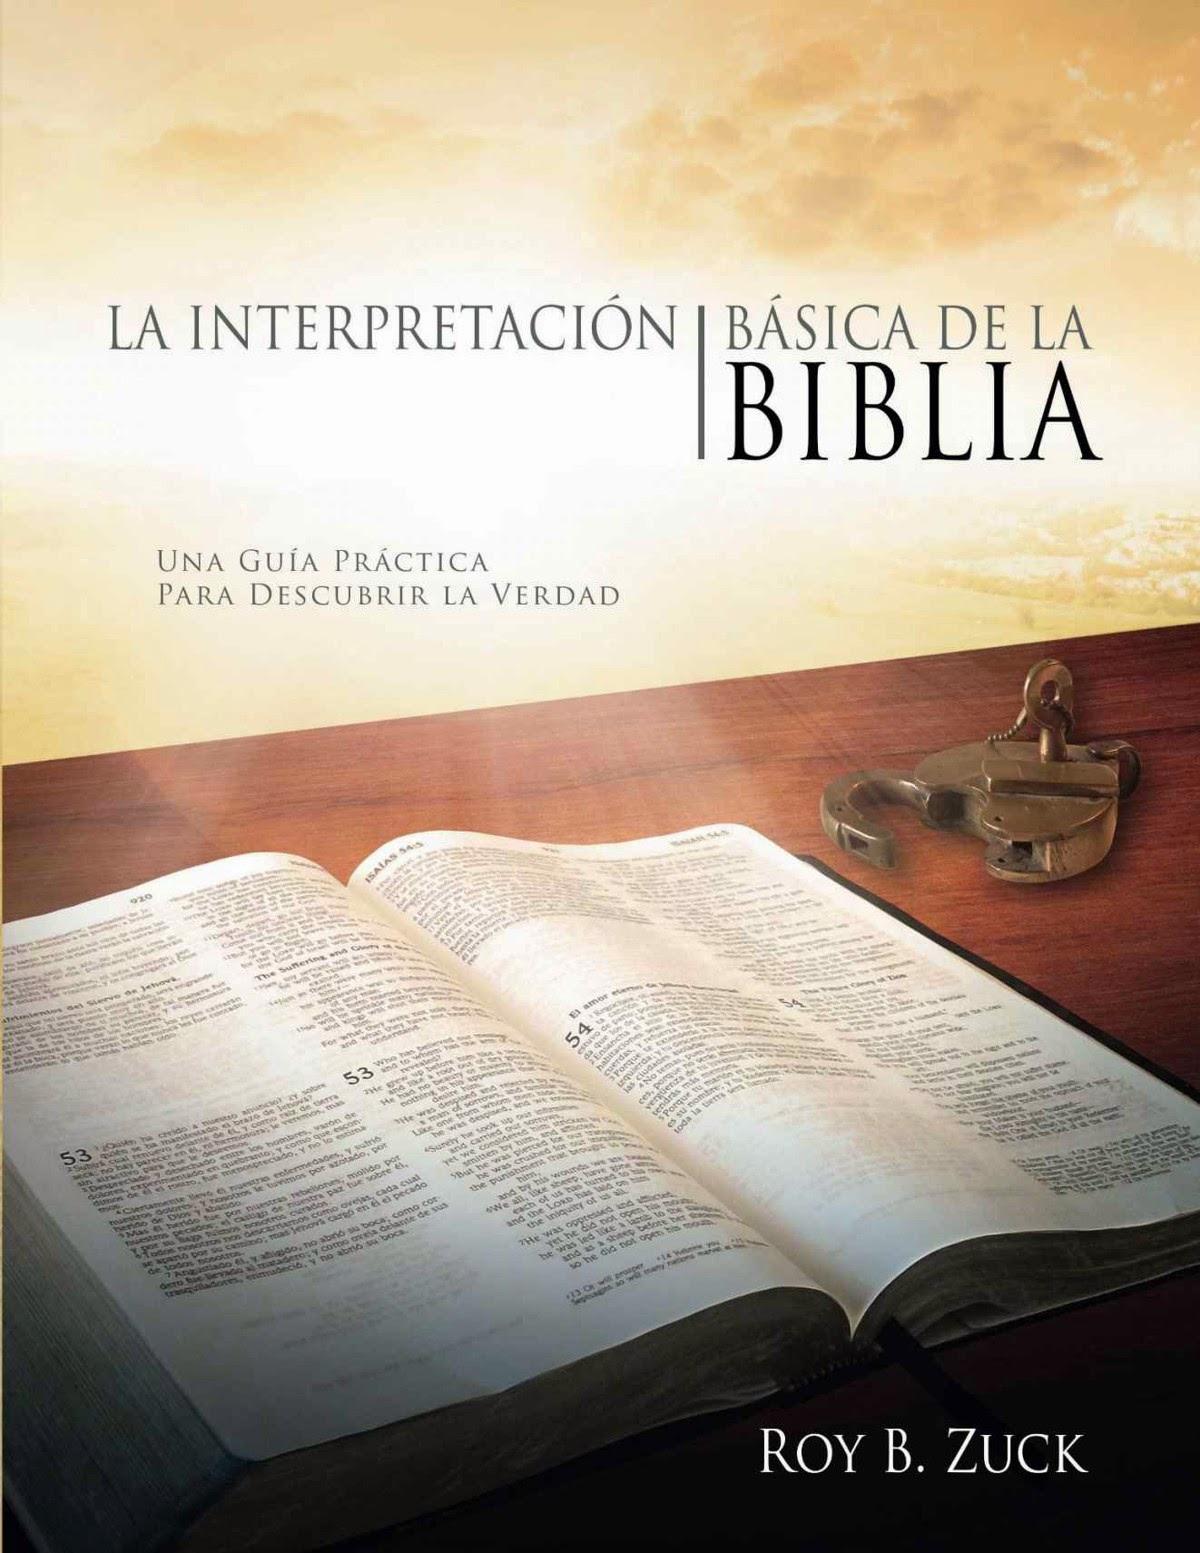 Roy Zuck-La Interpretación Básica De La Biblia-